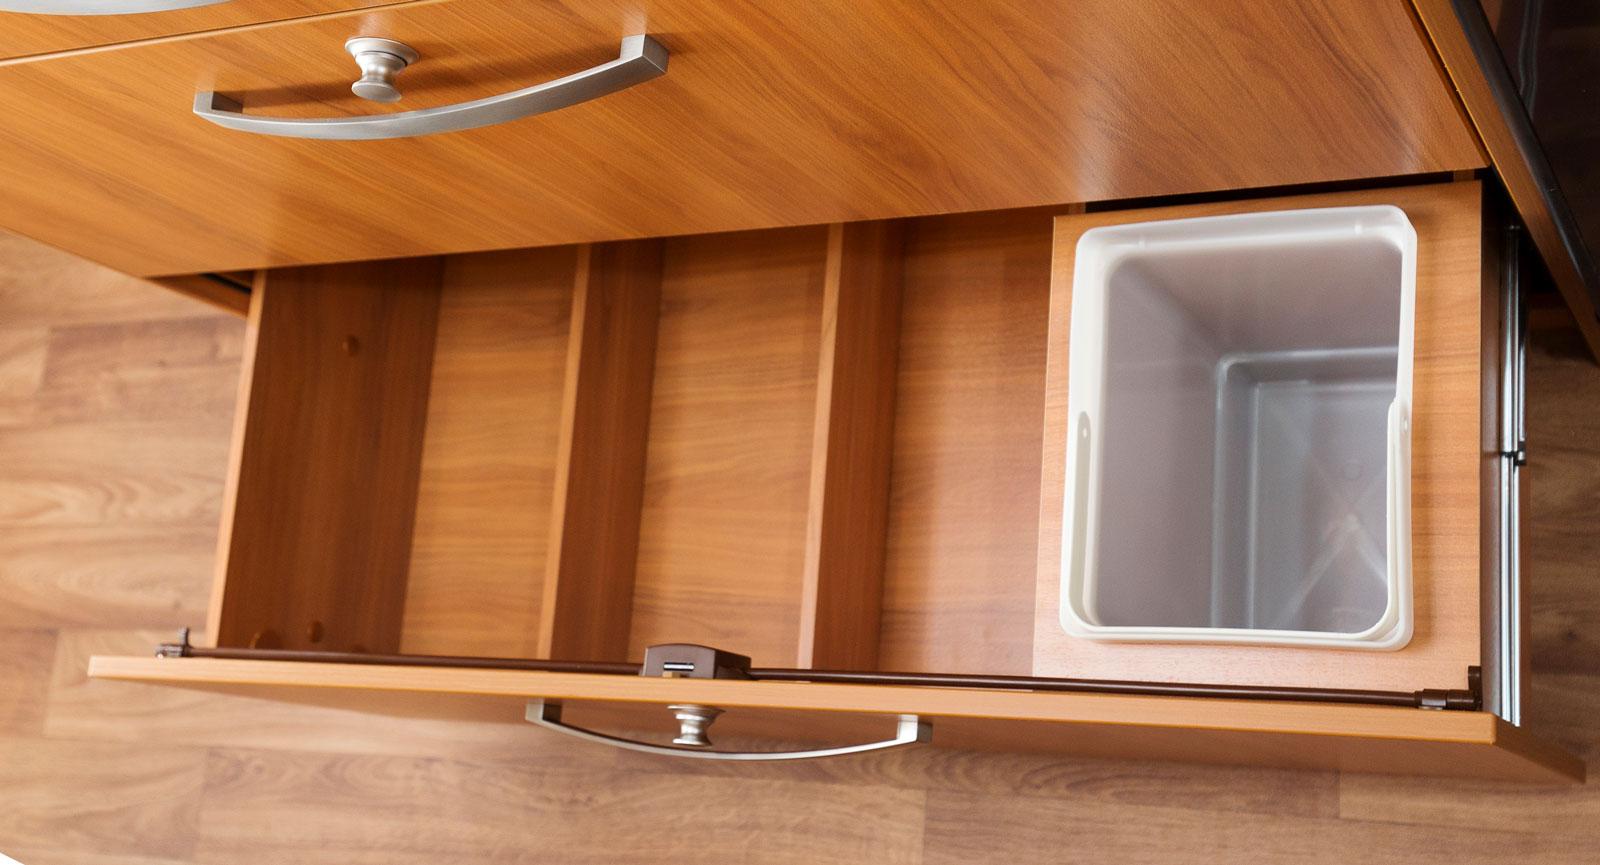 Kökslådorna är lika breda som bänkskivan vilket kräver ett sidosteg där de öppnas.